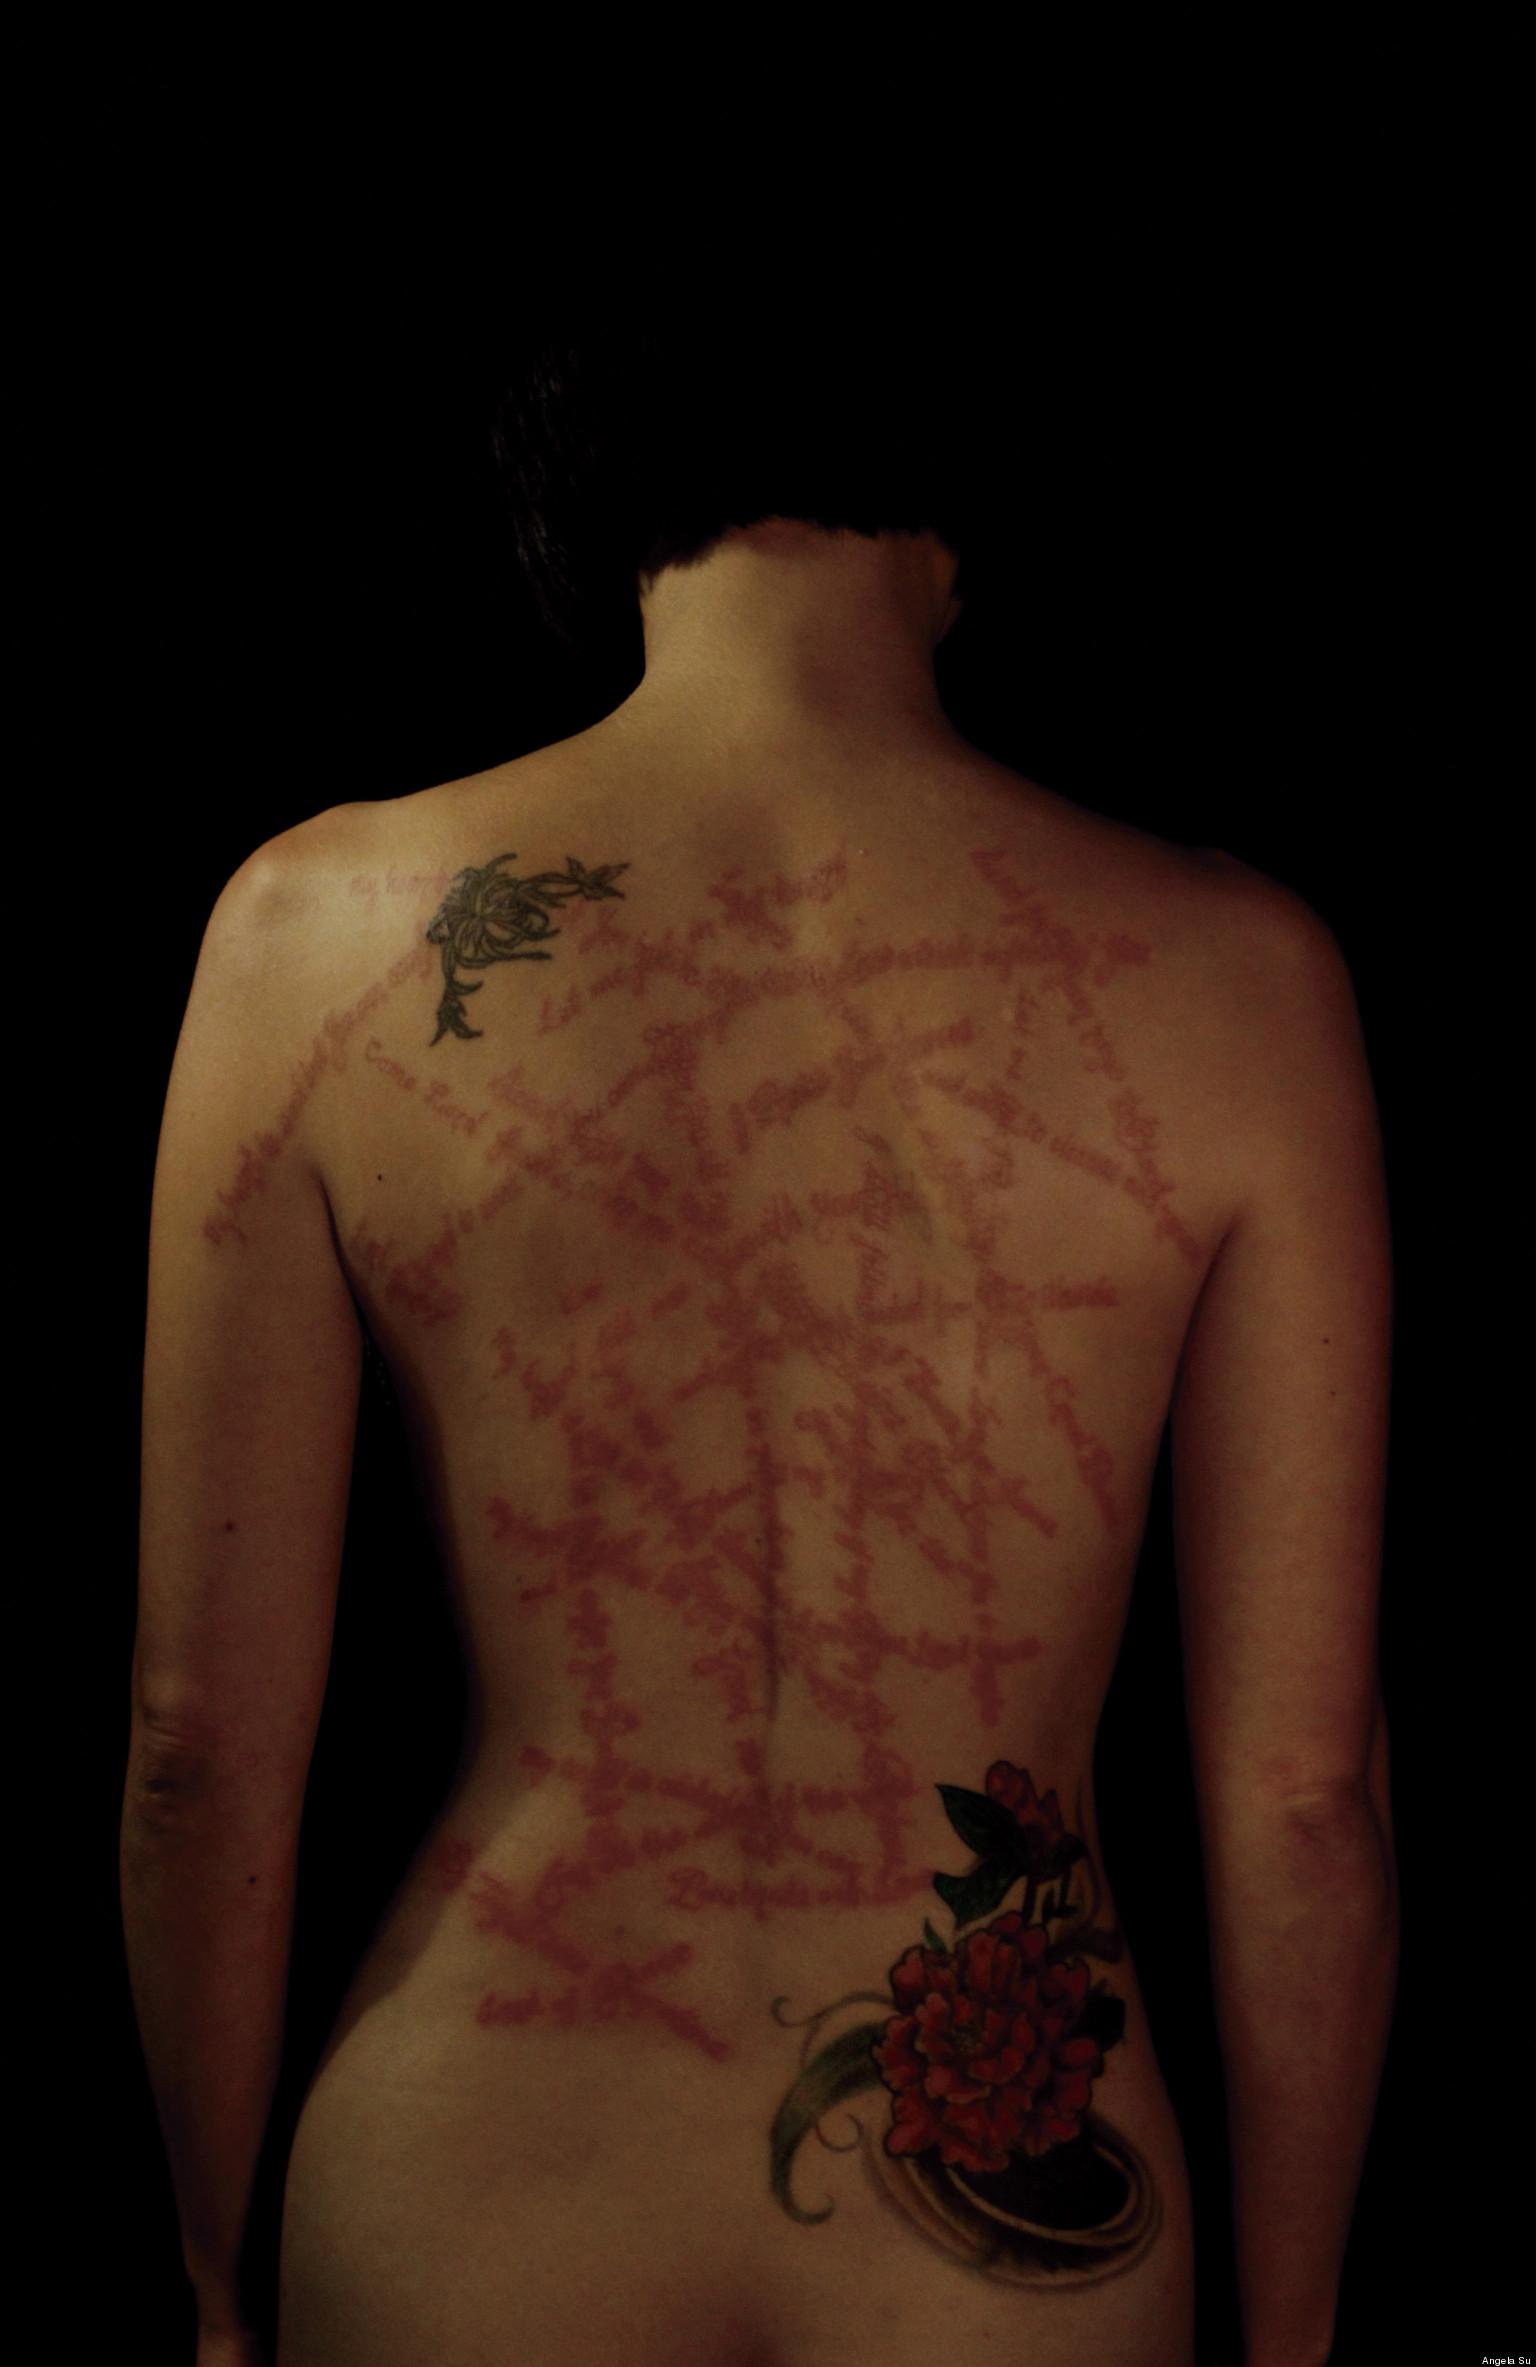 Artista Plastica tatua as feridas de Jesus Cristo nas Costas